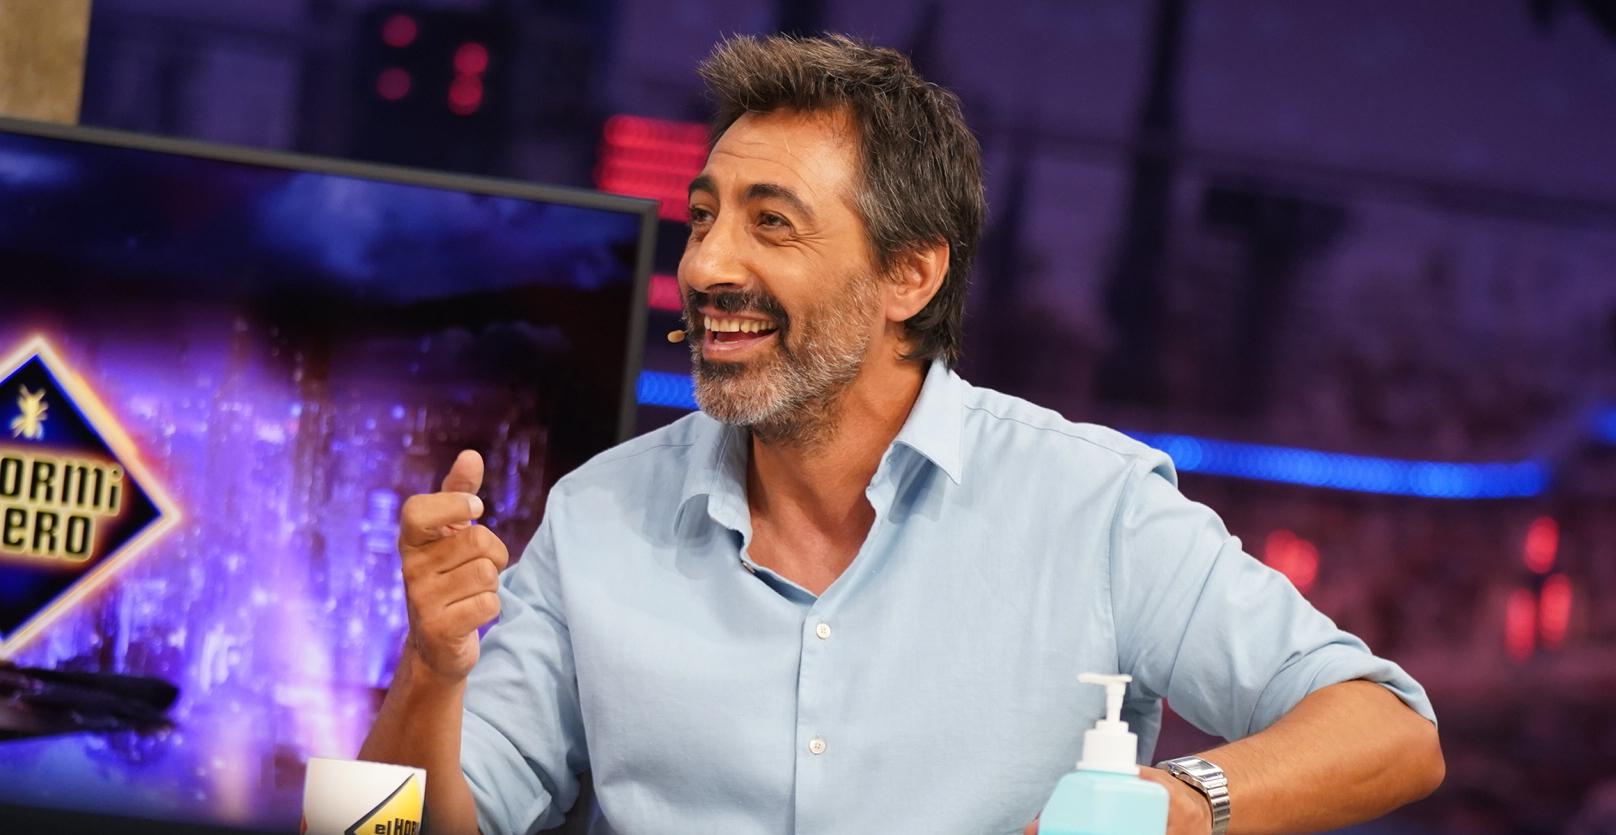 Juan del Val parla dels cures a 'El Hormiguero' - Antena 3